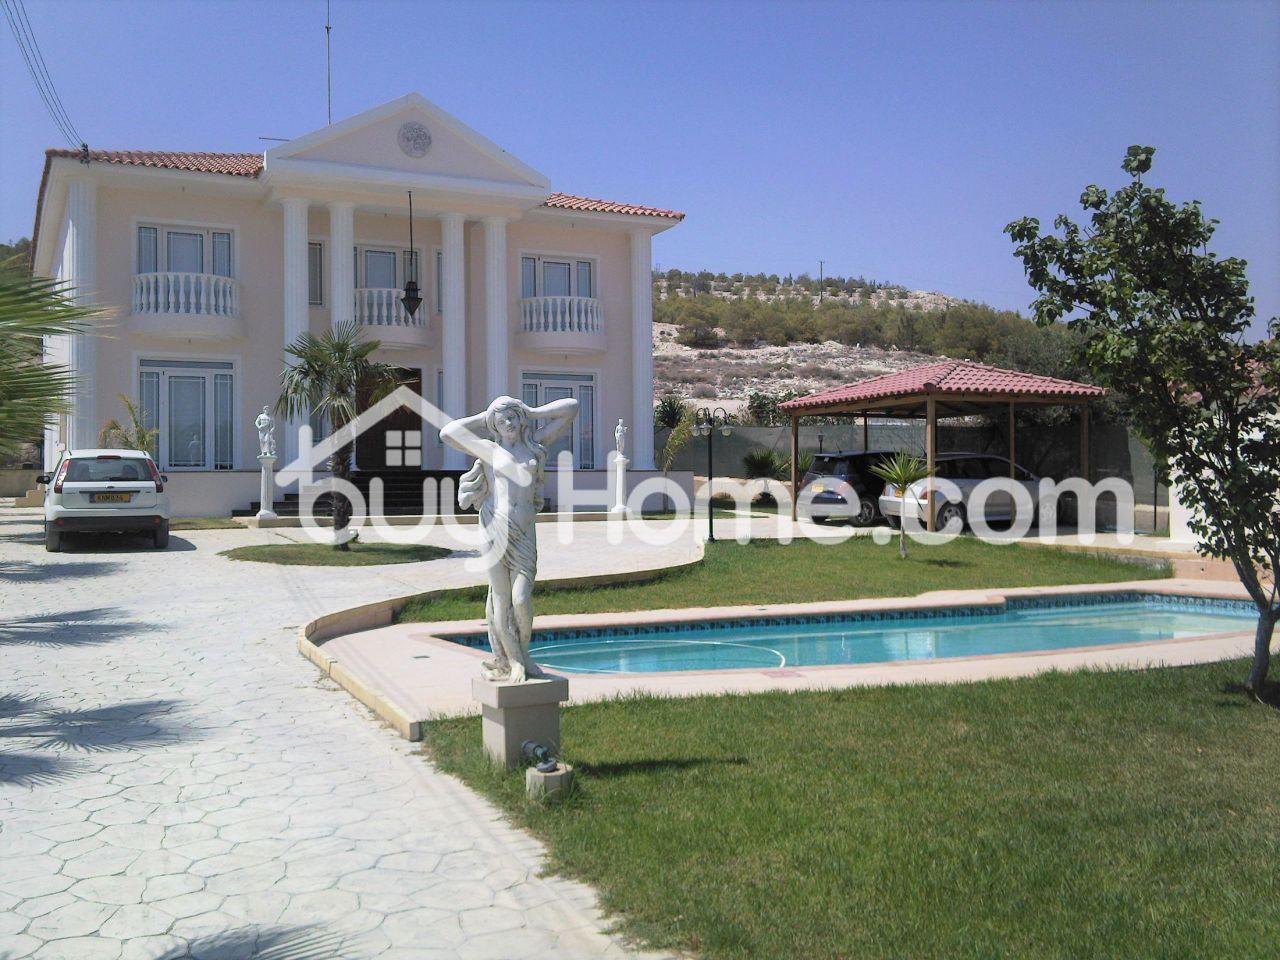 Кипр недвижимость купить цены дубай вид на жительство